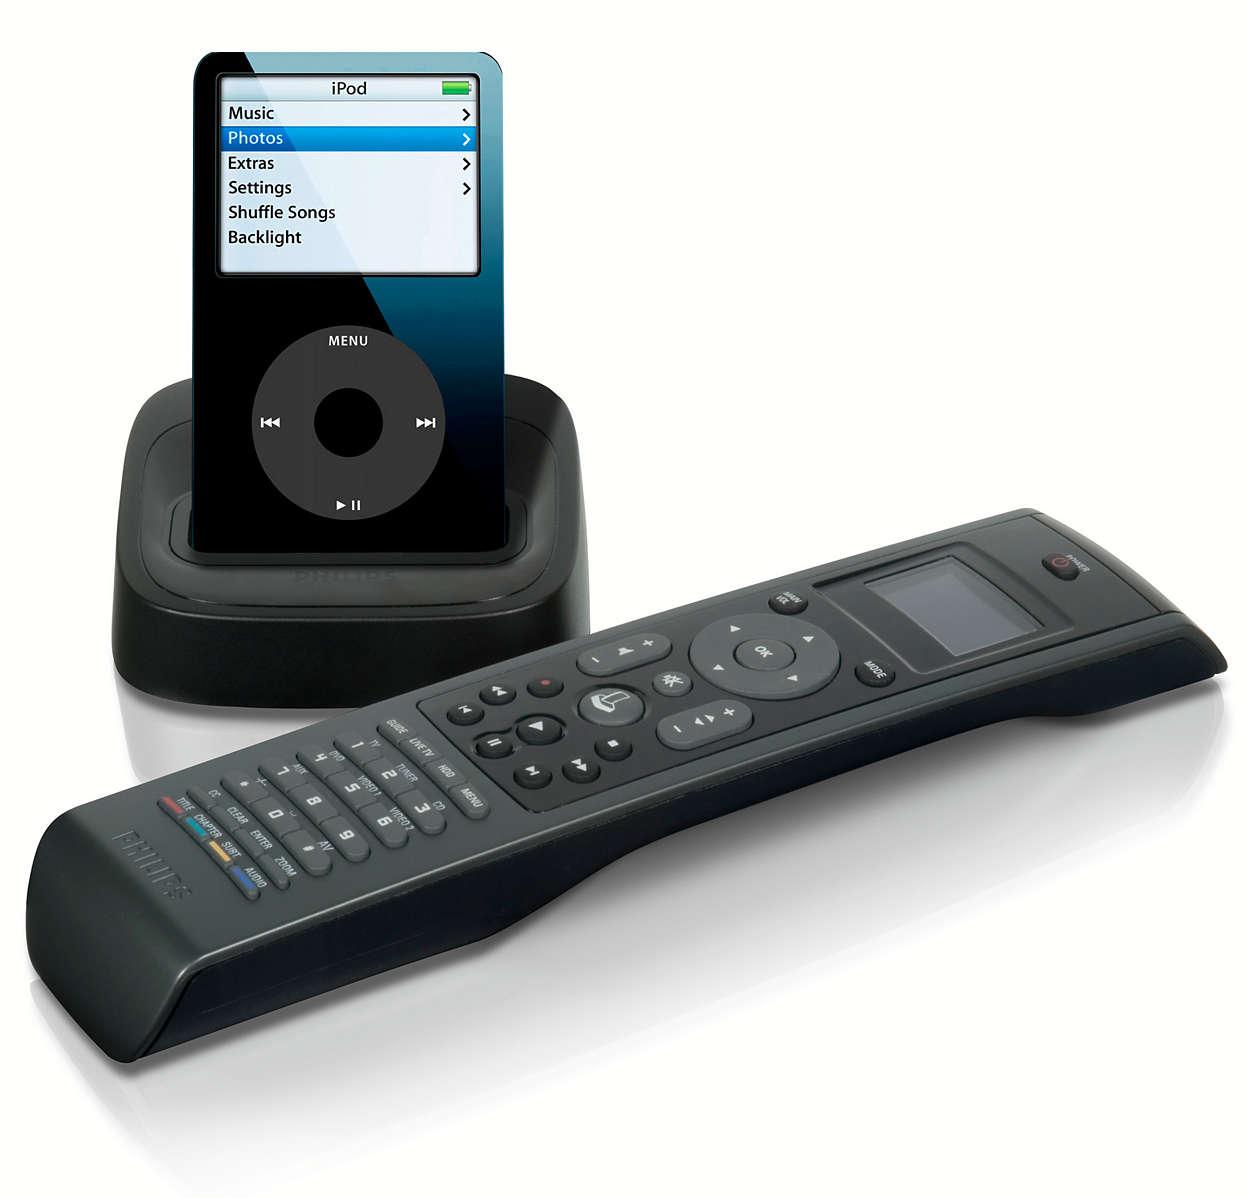 Vizualizaţi conţinutul de pe iPod pe telecomandă